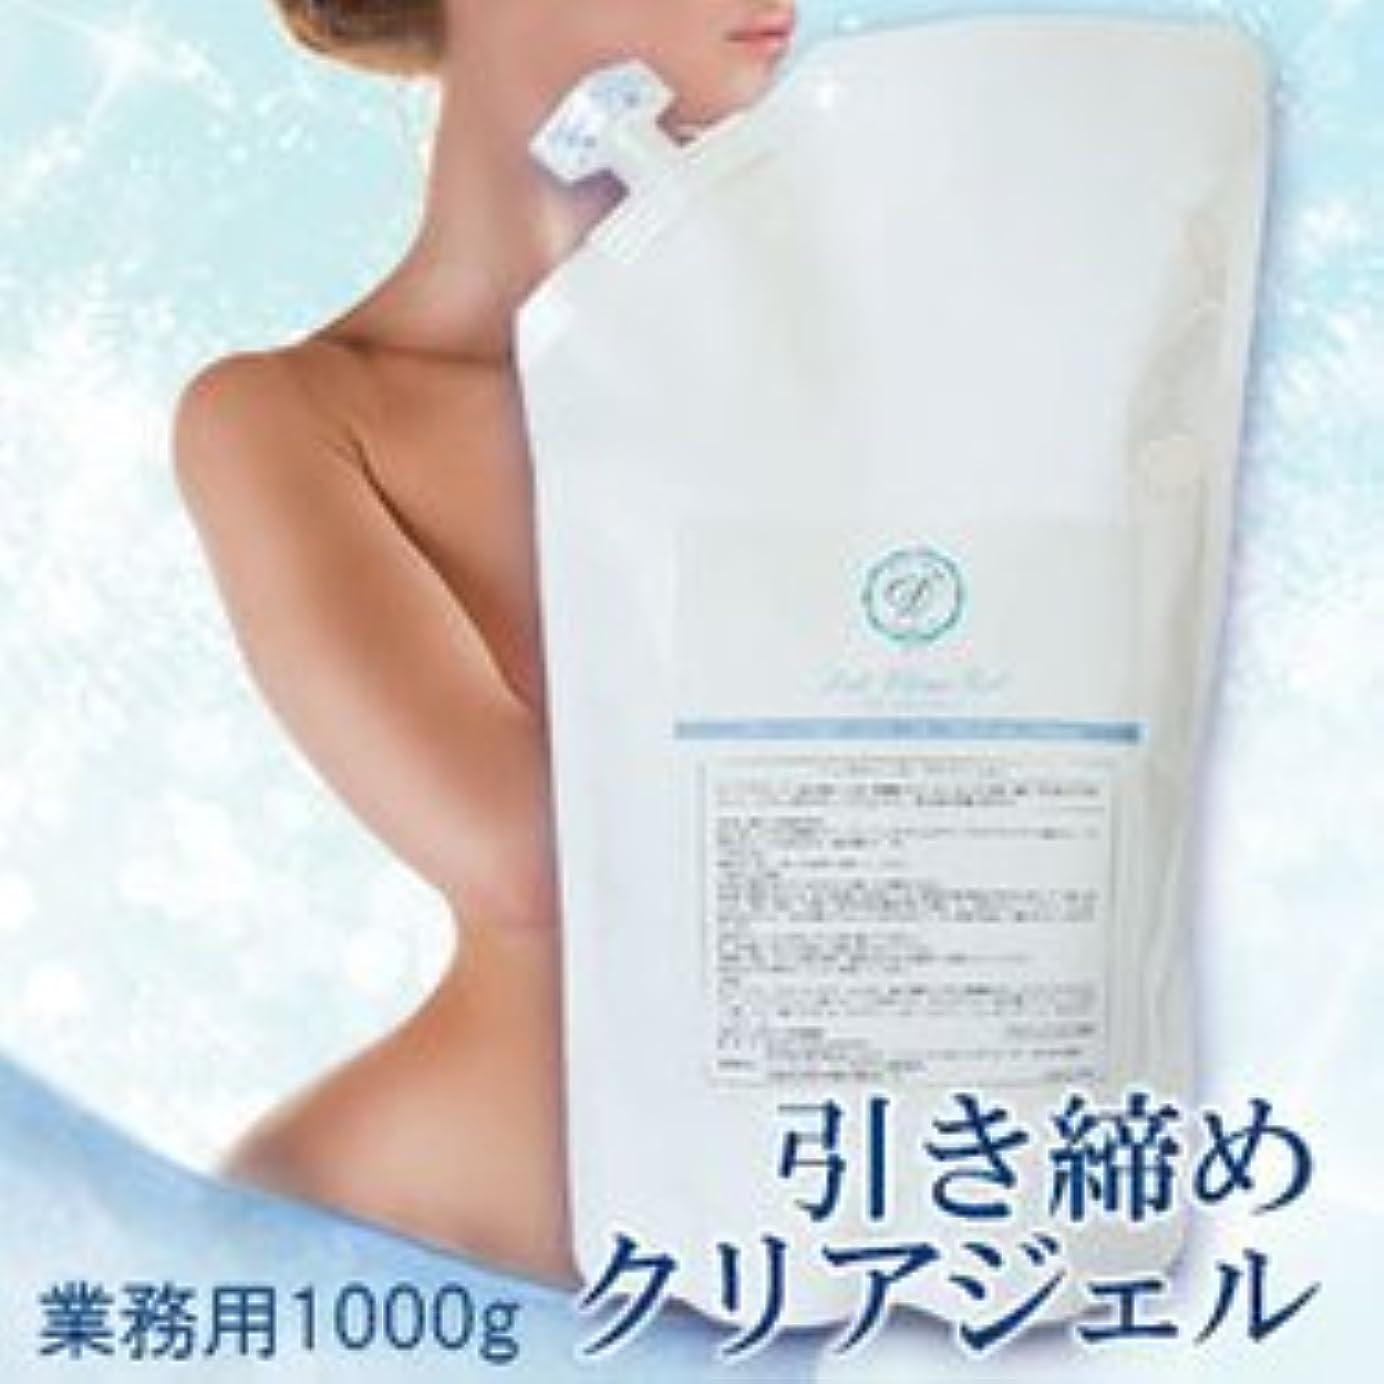 呼吸するサドル化粧トリプルディープロ デトクリアジェル 1000g/ あるゆるマシンに対応 業務用引き締めクリアジェル